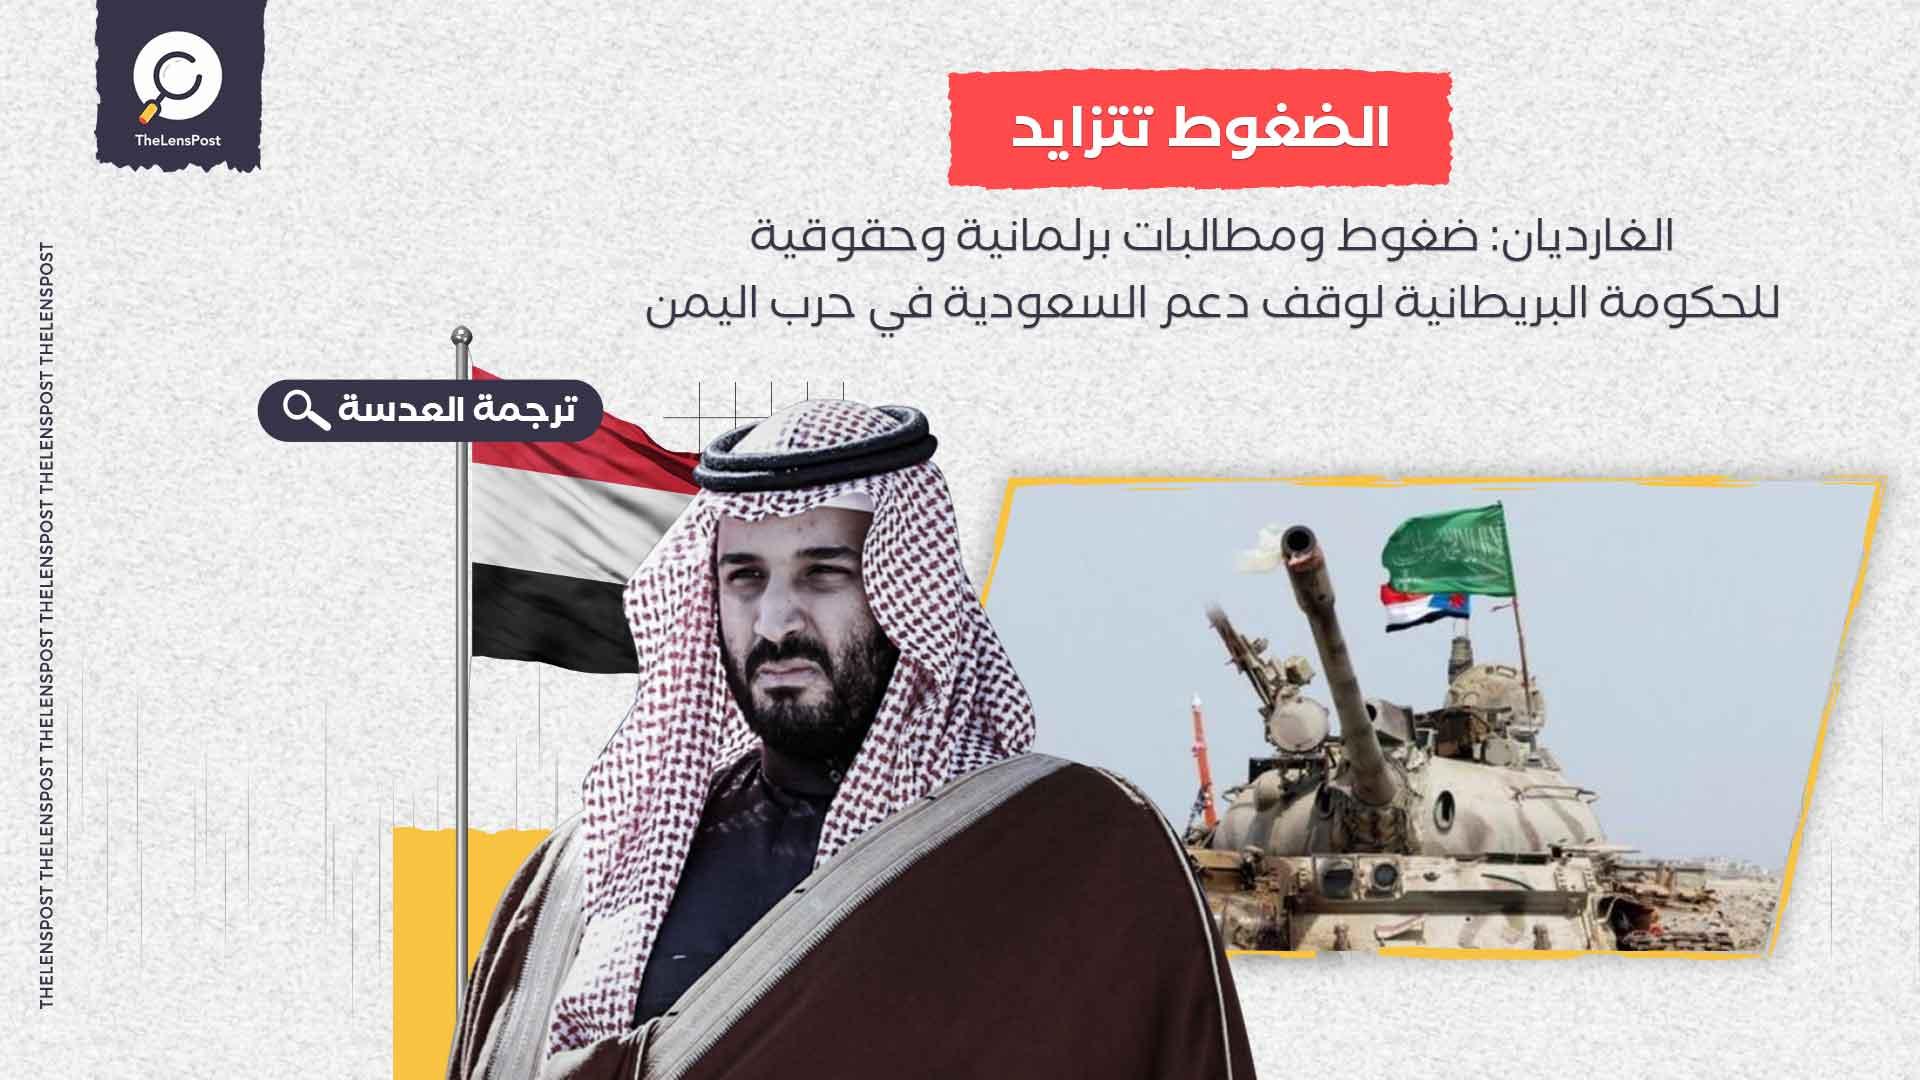 الغارديان: ضغوط ومطالبات برلمانية وحقوقية للحكومة البريطانية لوقف دعم السعودية في حرب اليمن